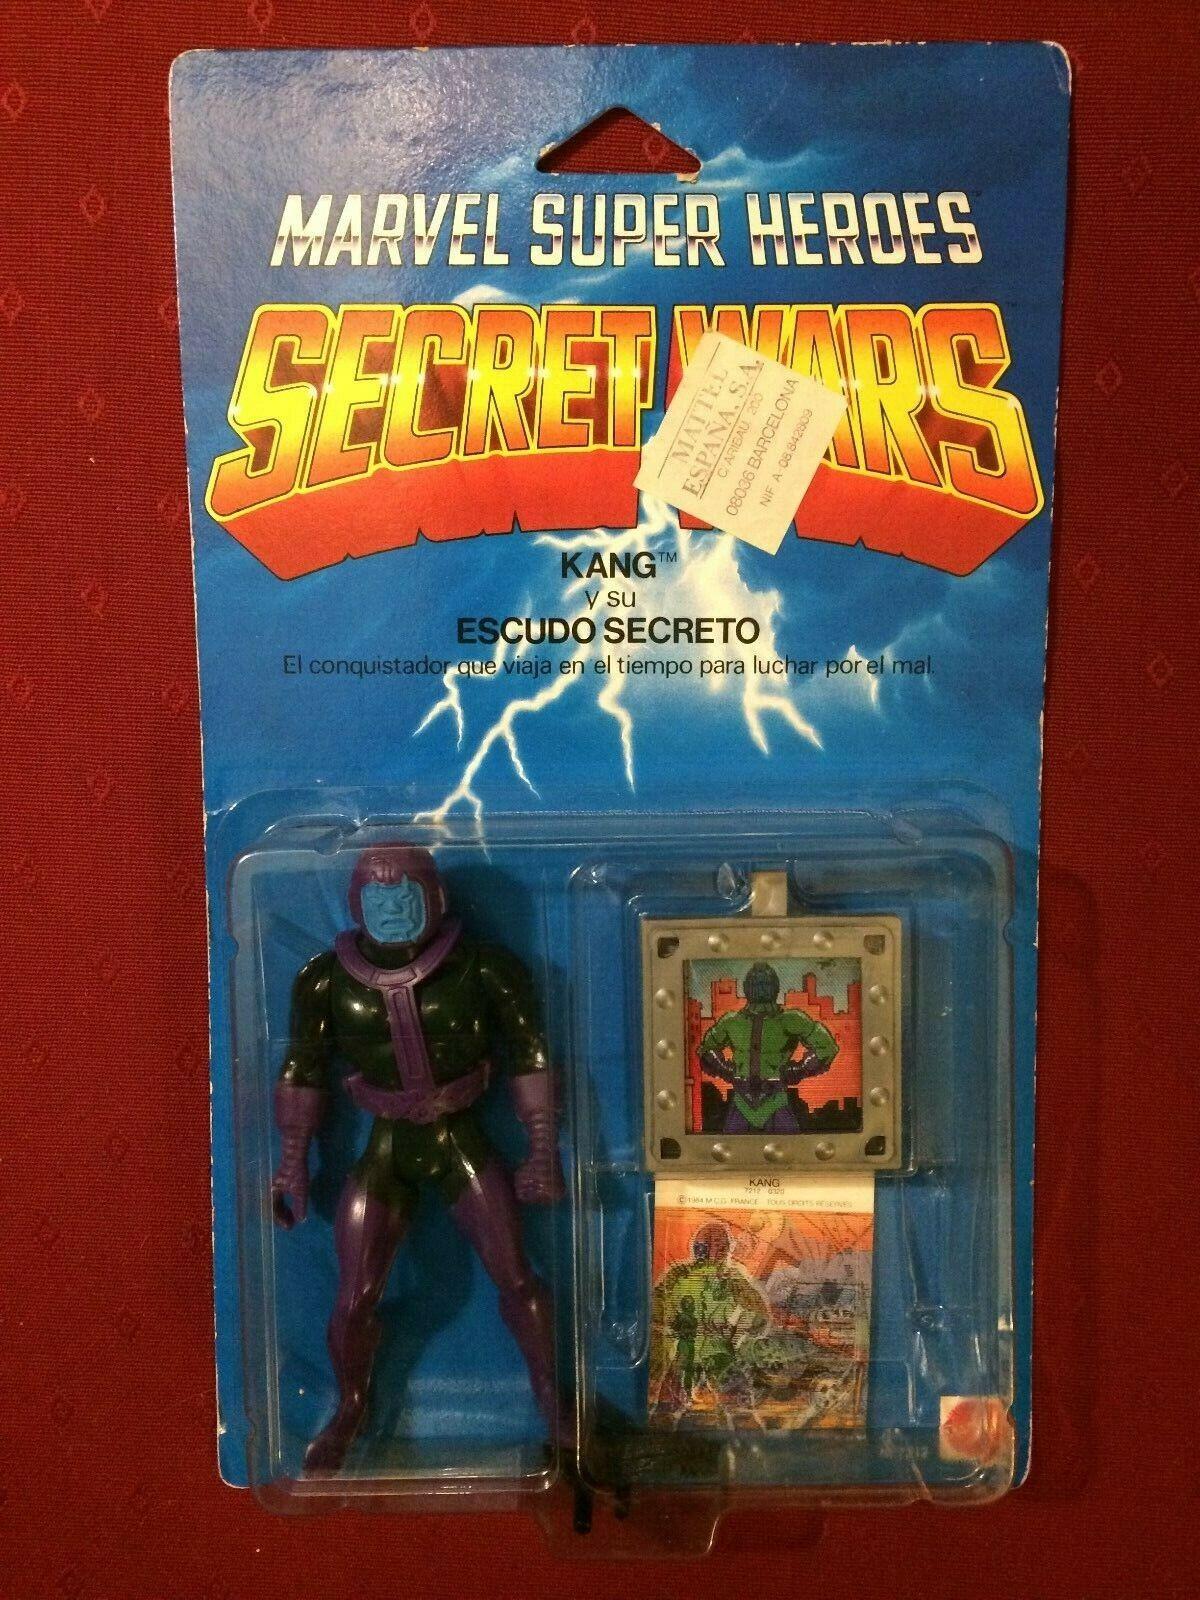 VINTAGE MARVEL SECRET guerras KANG cifra, 1985, Mattel, MOC, SPAGNOLO EDN